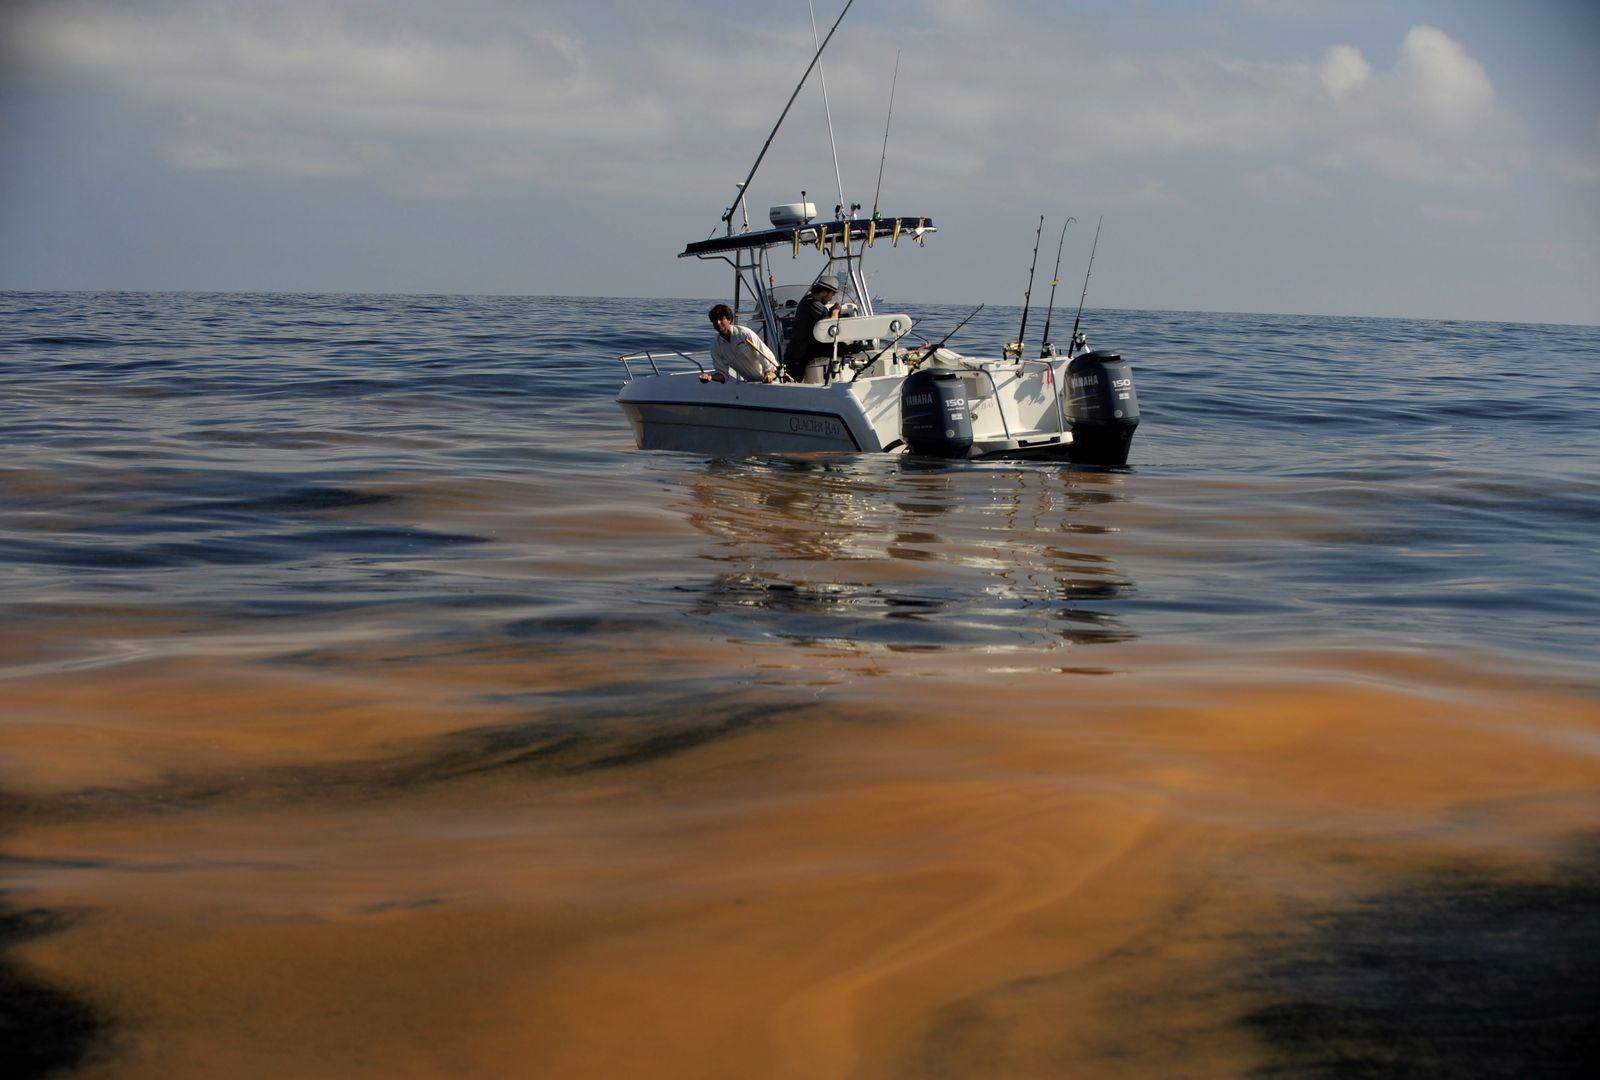 Ölpest im Golf von Mexiko / Fischer / Fischerboot